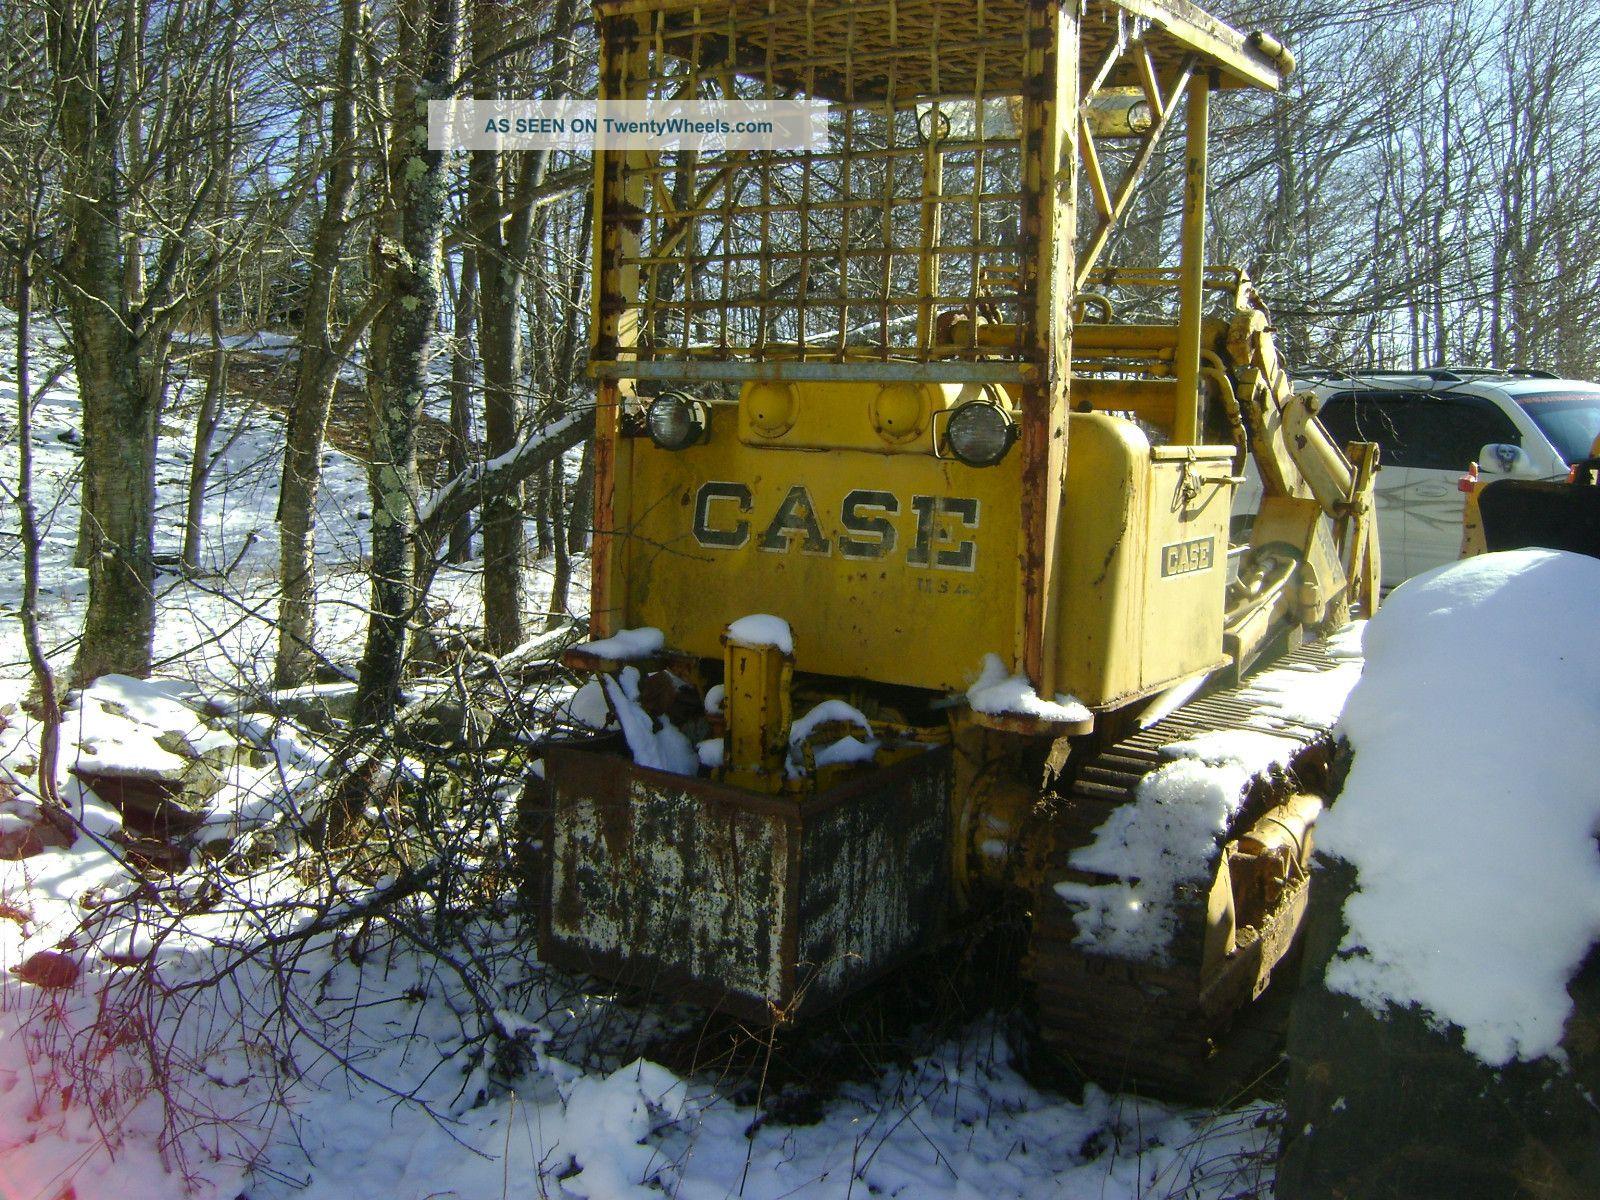 1960 Case Backhoe : S case front loader